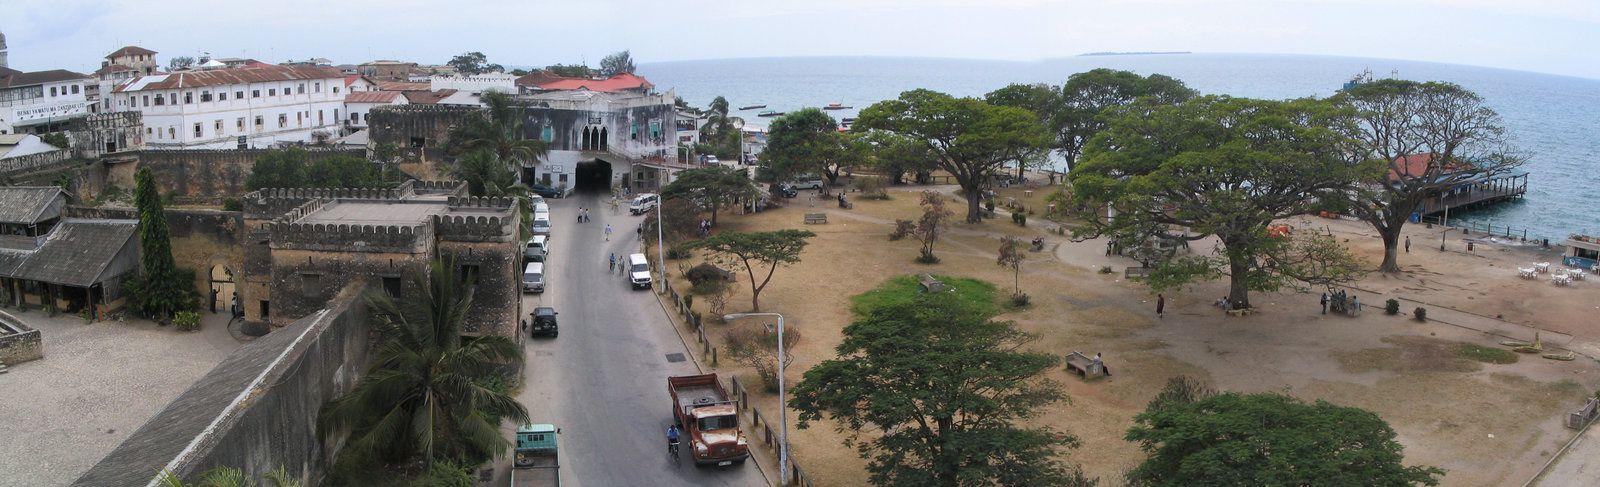 Photos panoramiques - Zanzibar